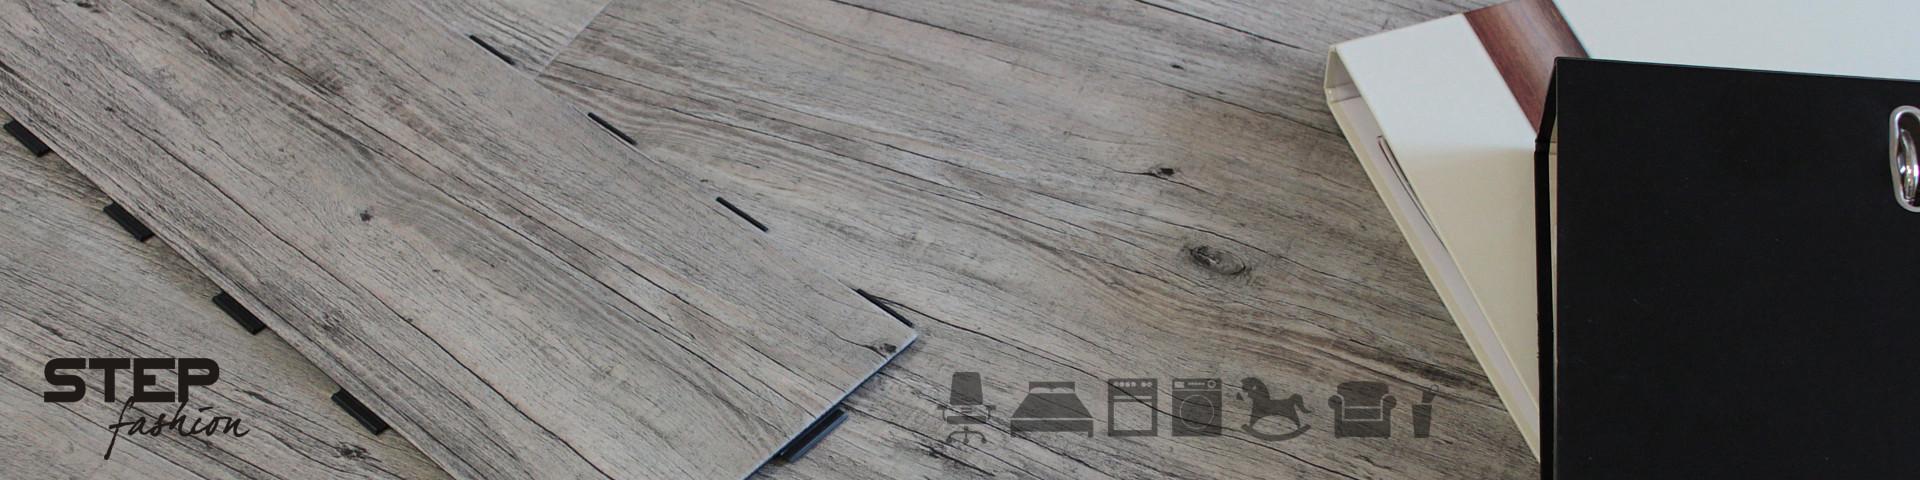 Gut bekannt Belopa.de - Fußböden, Mosaik, LeistenProfile und Zubehör GW75